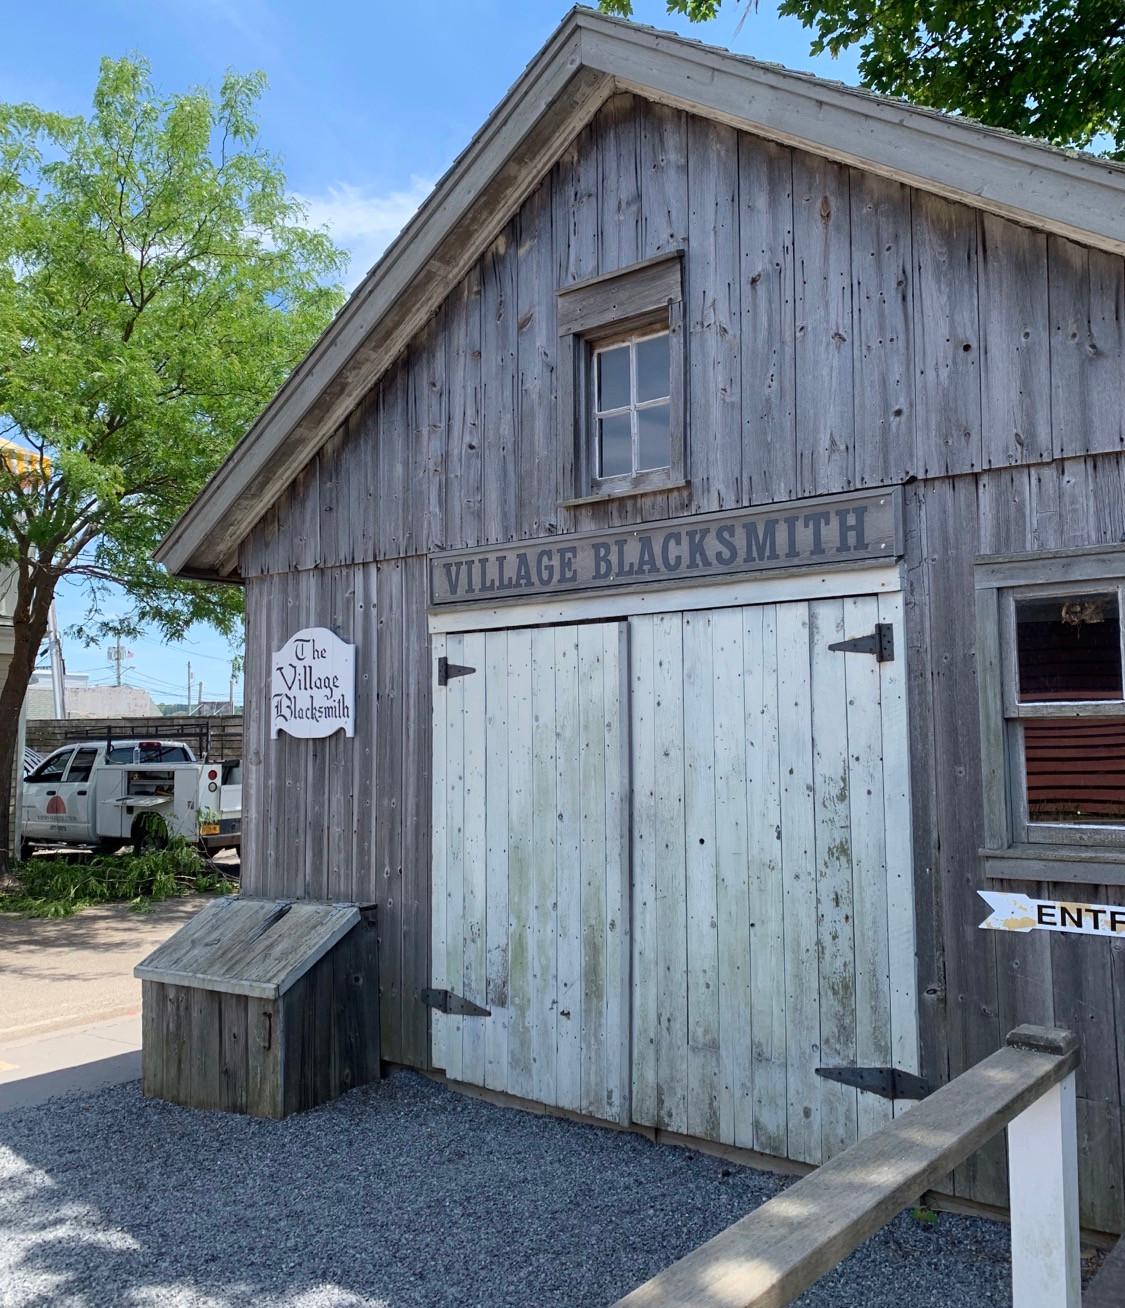 Village Blacksmith, Greenport, NY